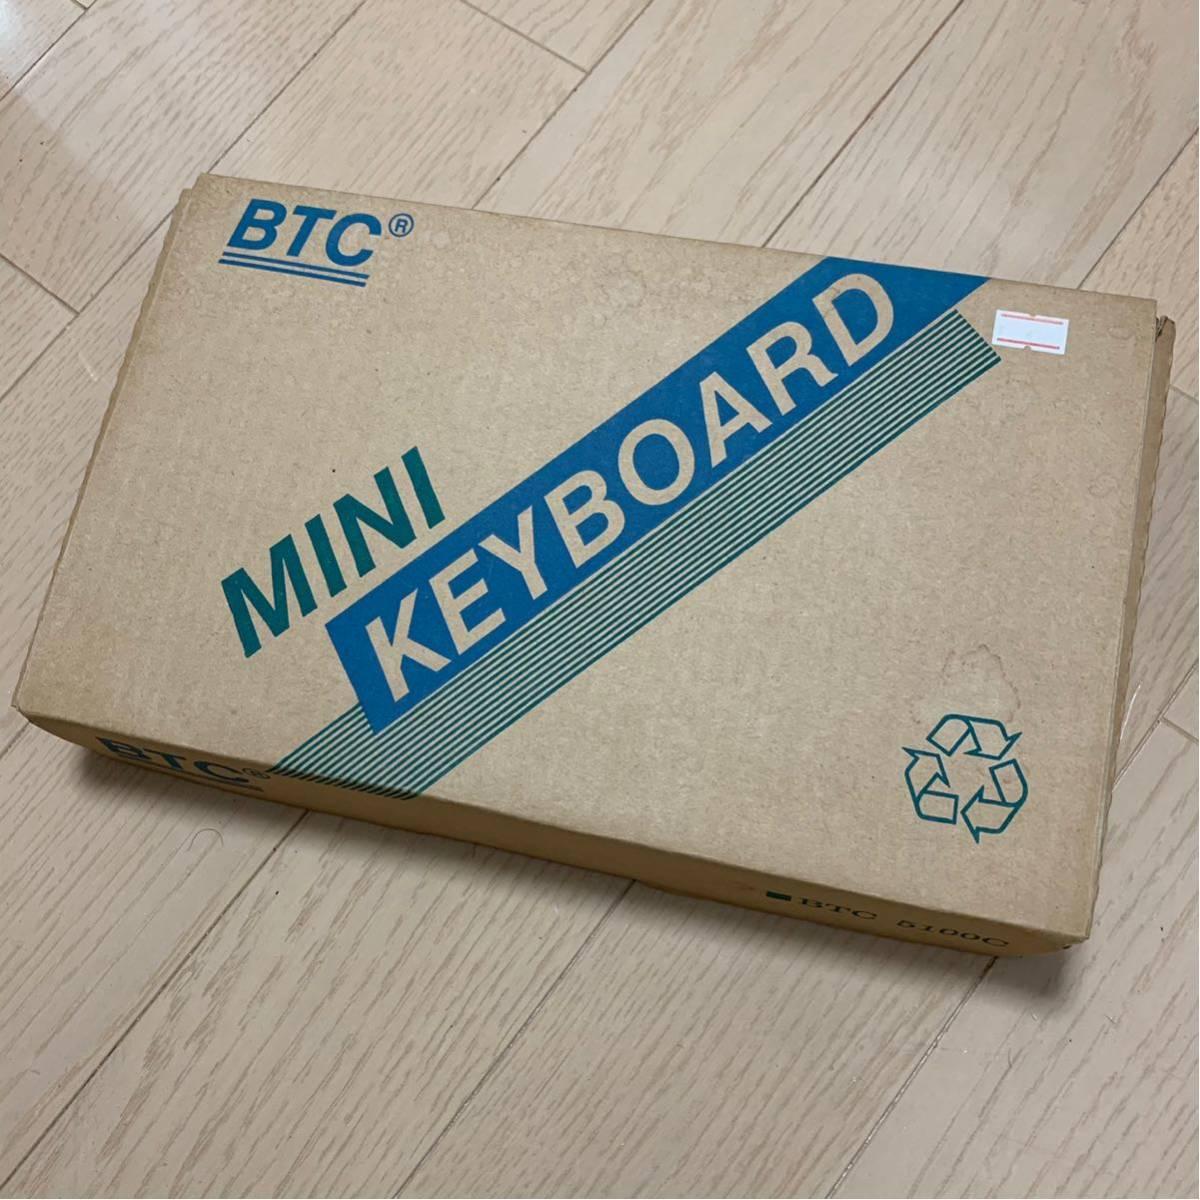 BTC-5100C happy hacking keyboardのようなこだわりの101レイアウトの英語キーボード 日焼けあり